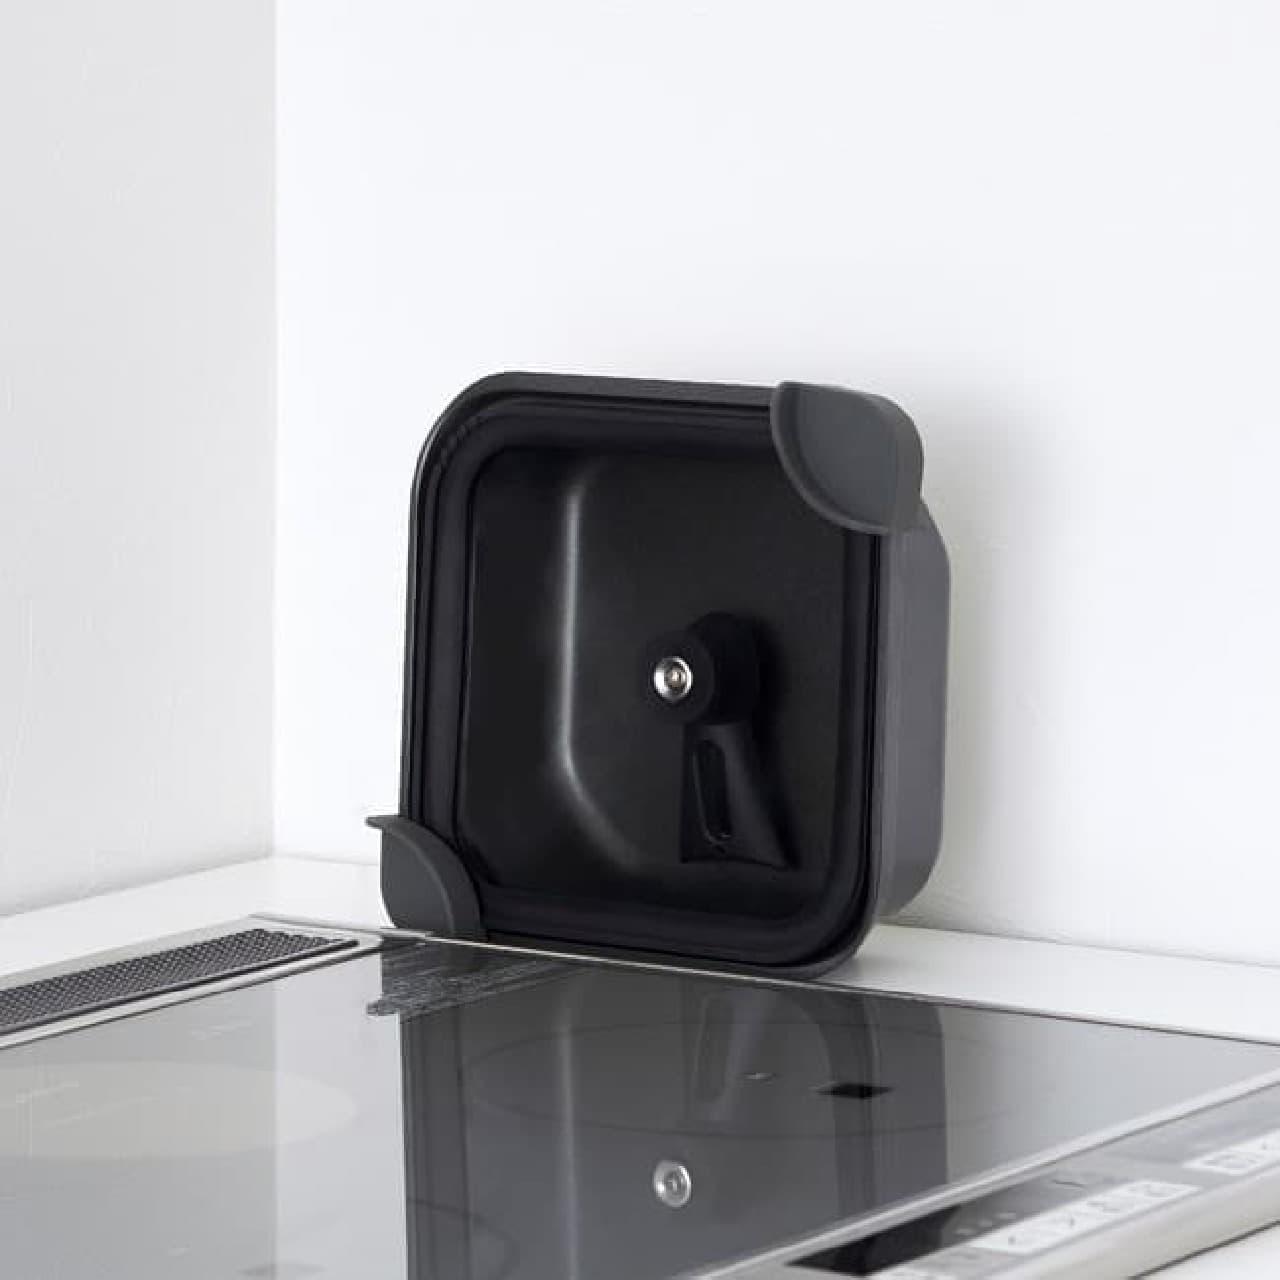 「sutto(スット)四角いお鍋」ドウシシャから -- 立ててコンパクト収納&手入れも簡単